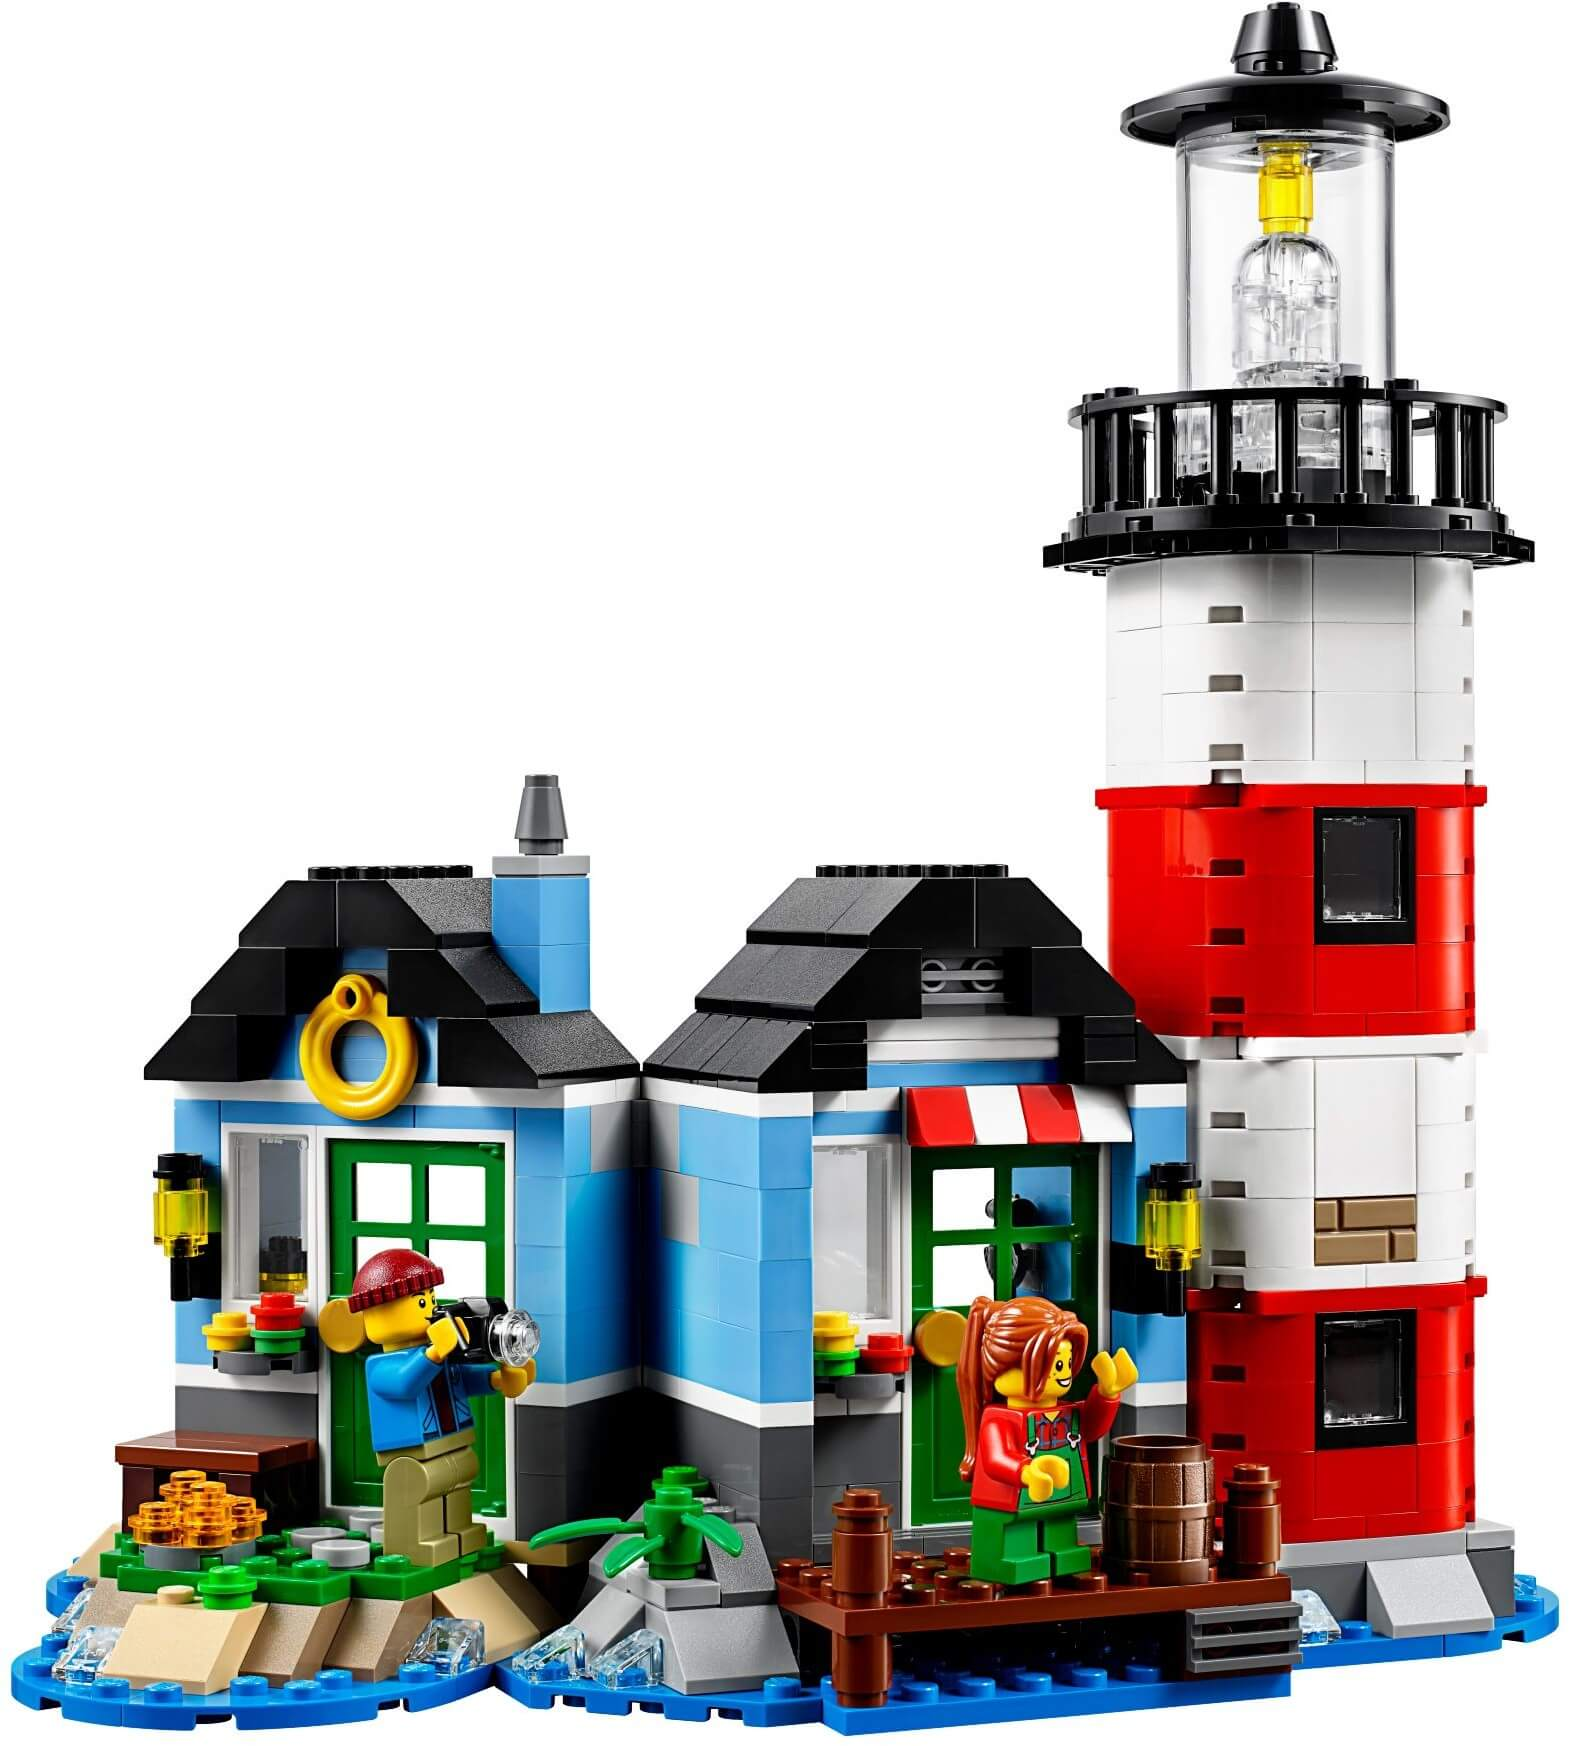 Mua đồ chơi LEGO 31051 - LEGO Creator 31051 - Xếp hình Ngọn Hải Đăng và Bến Tàu 3-trong-1 (LEGO Creator Lighthouse Point 31051)